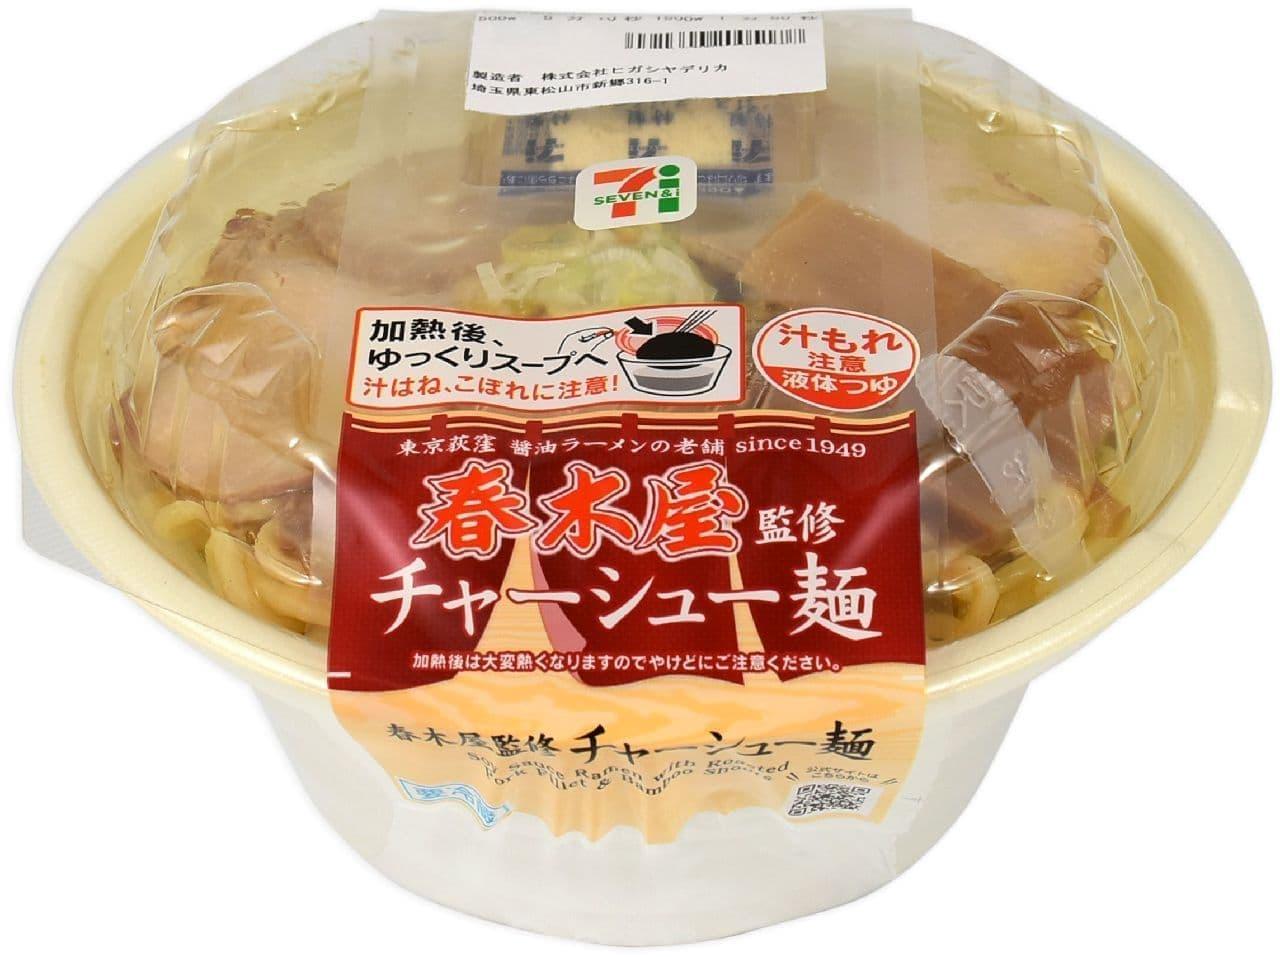 セブン-イレブン「東京荻窪・春木屋監修チャーシュー麺」